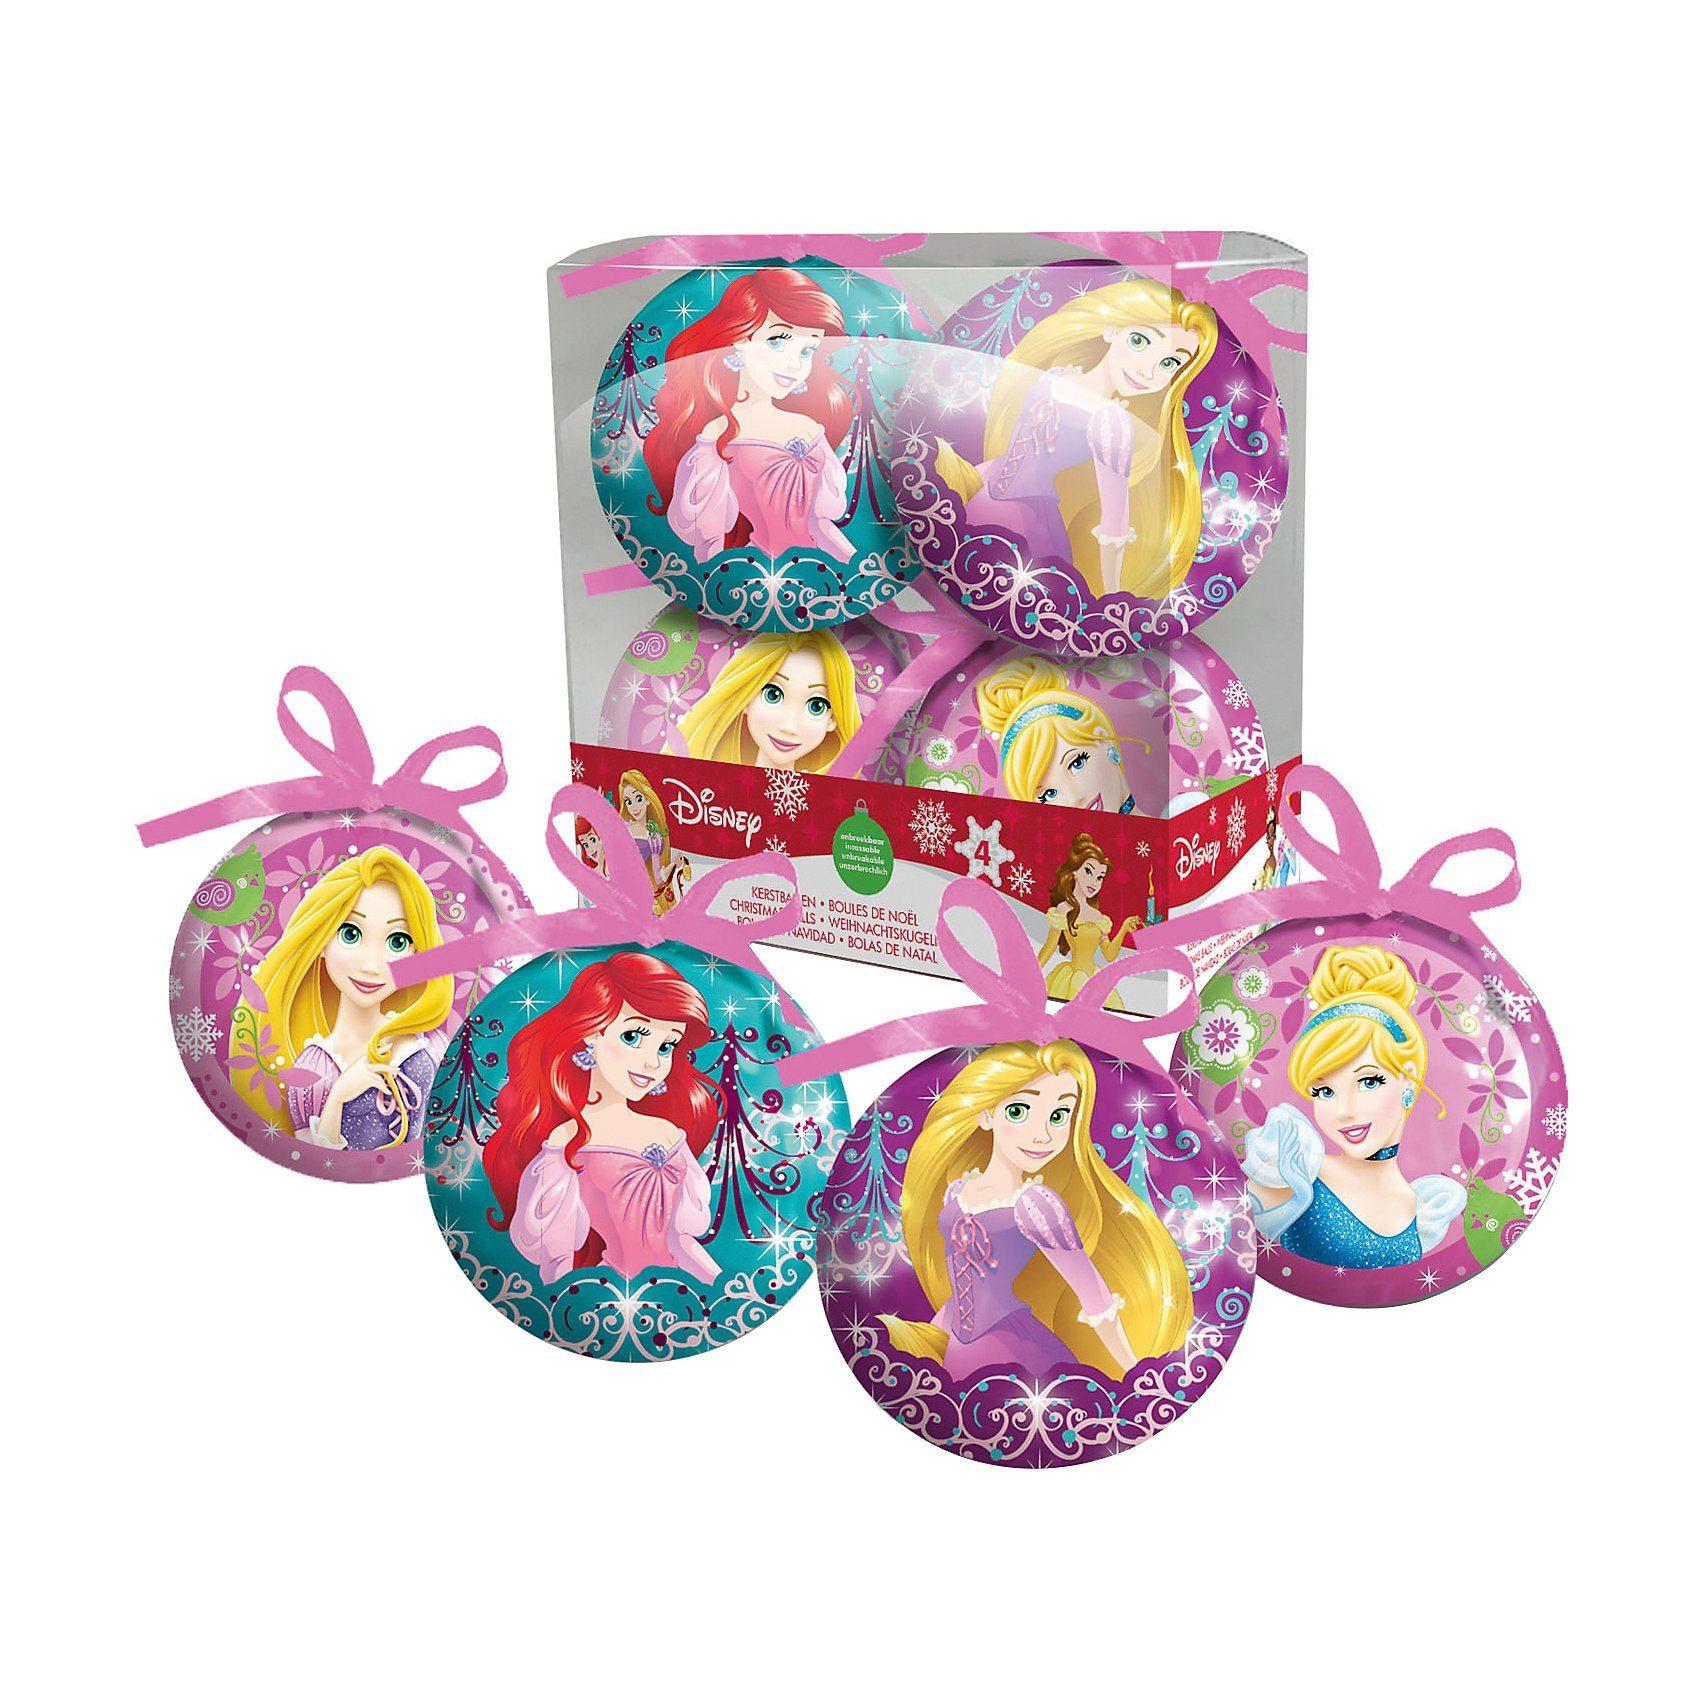 frajodis Weihnachtsbaumkugeln Disney Princess, 4 Stück